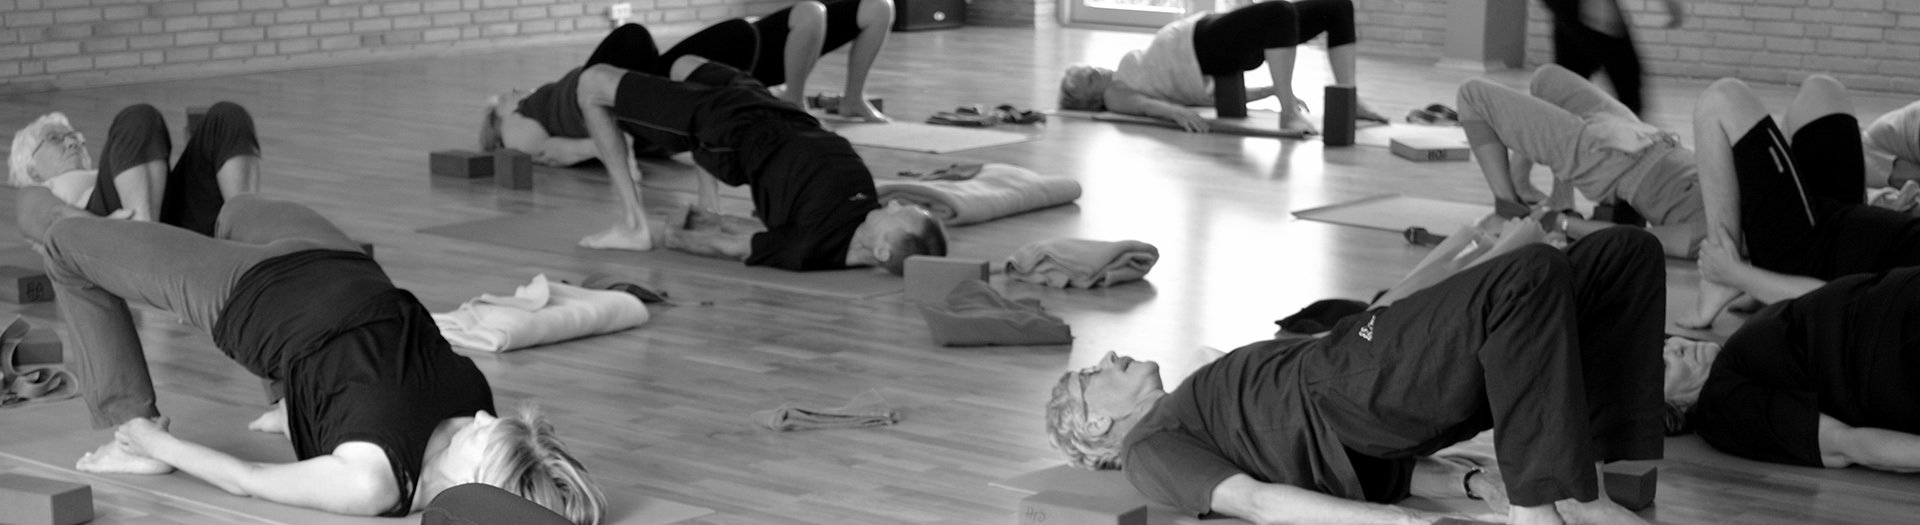 yoga og højskole Iyengar hatha ashtanga  gyrokinesis meditation på nørgaards højskole 1920 4